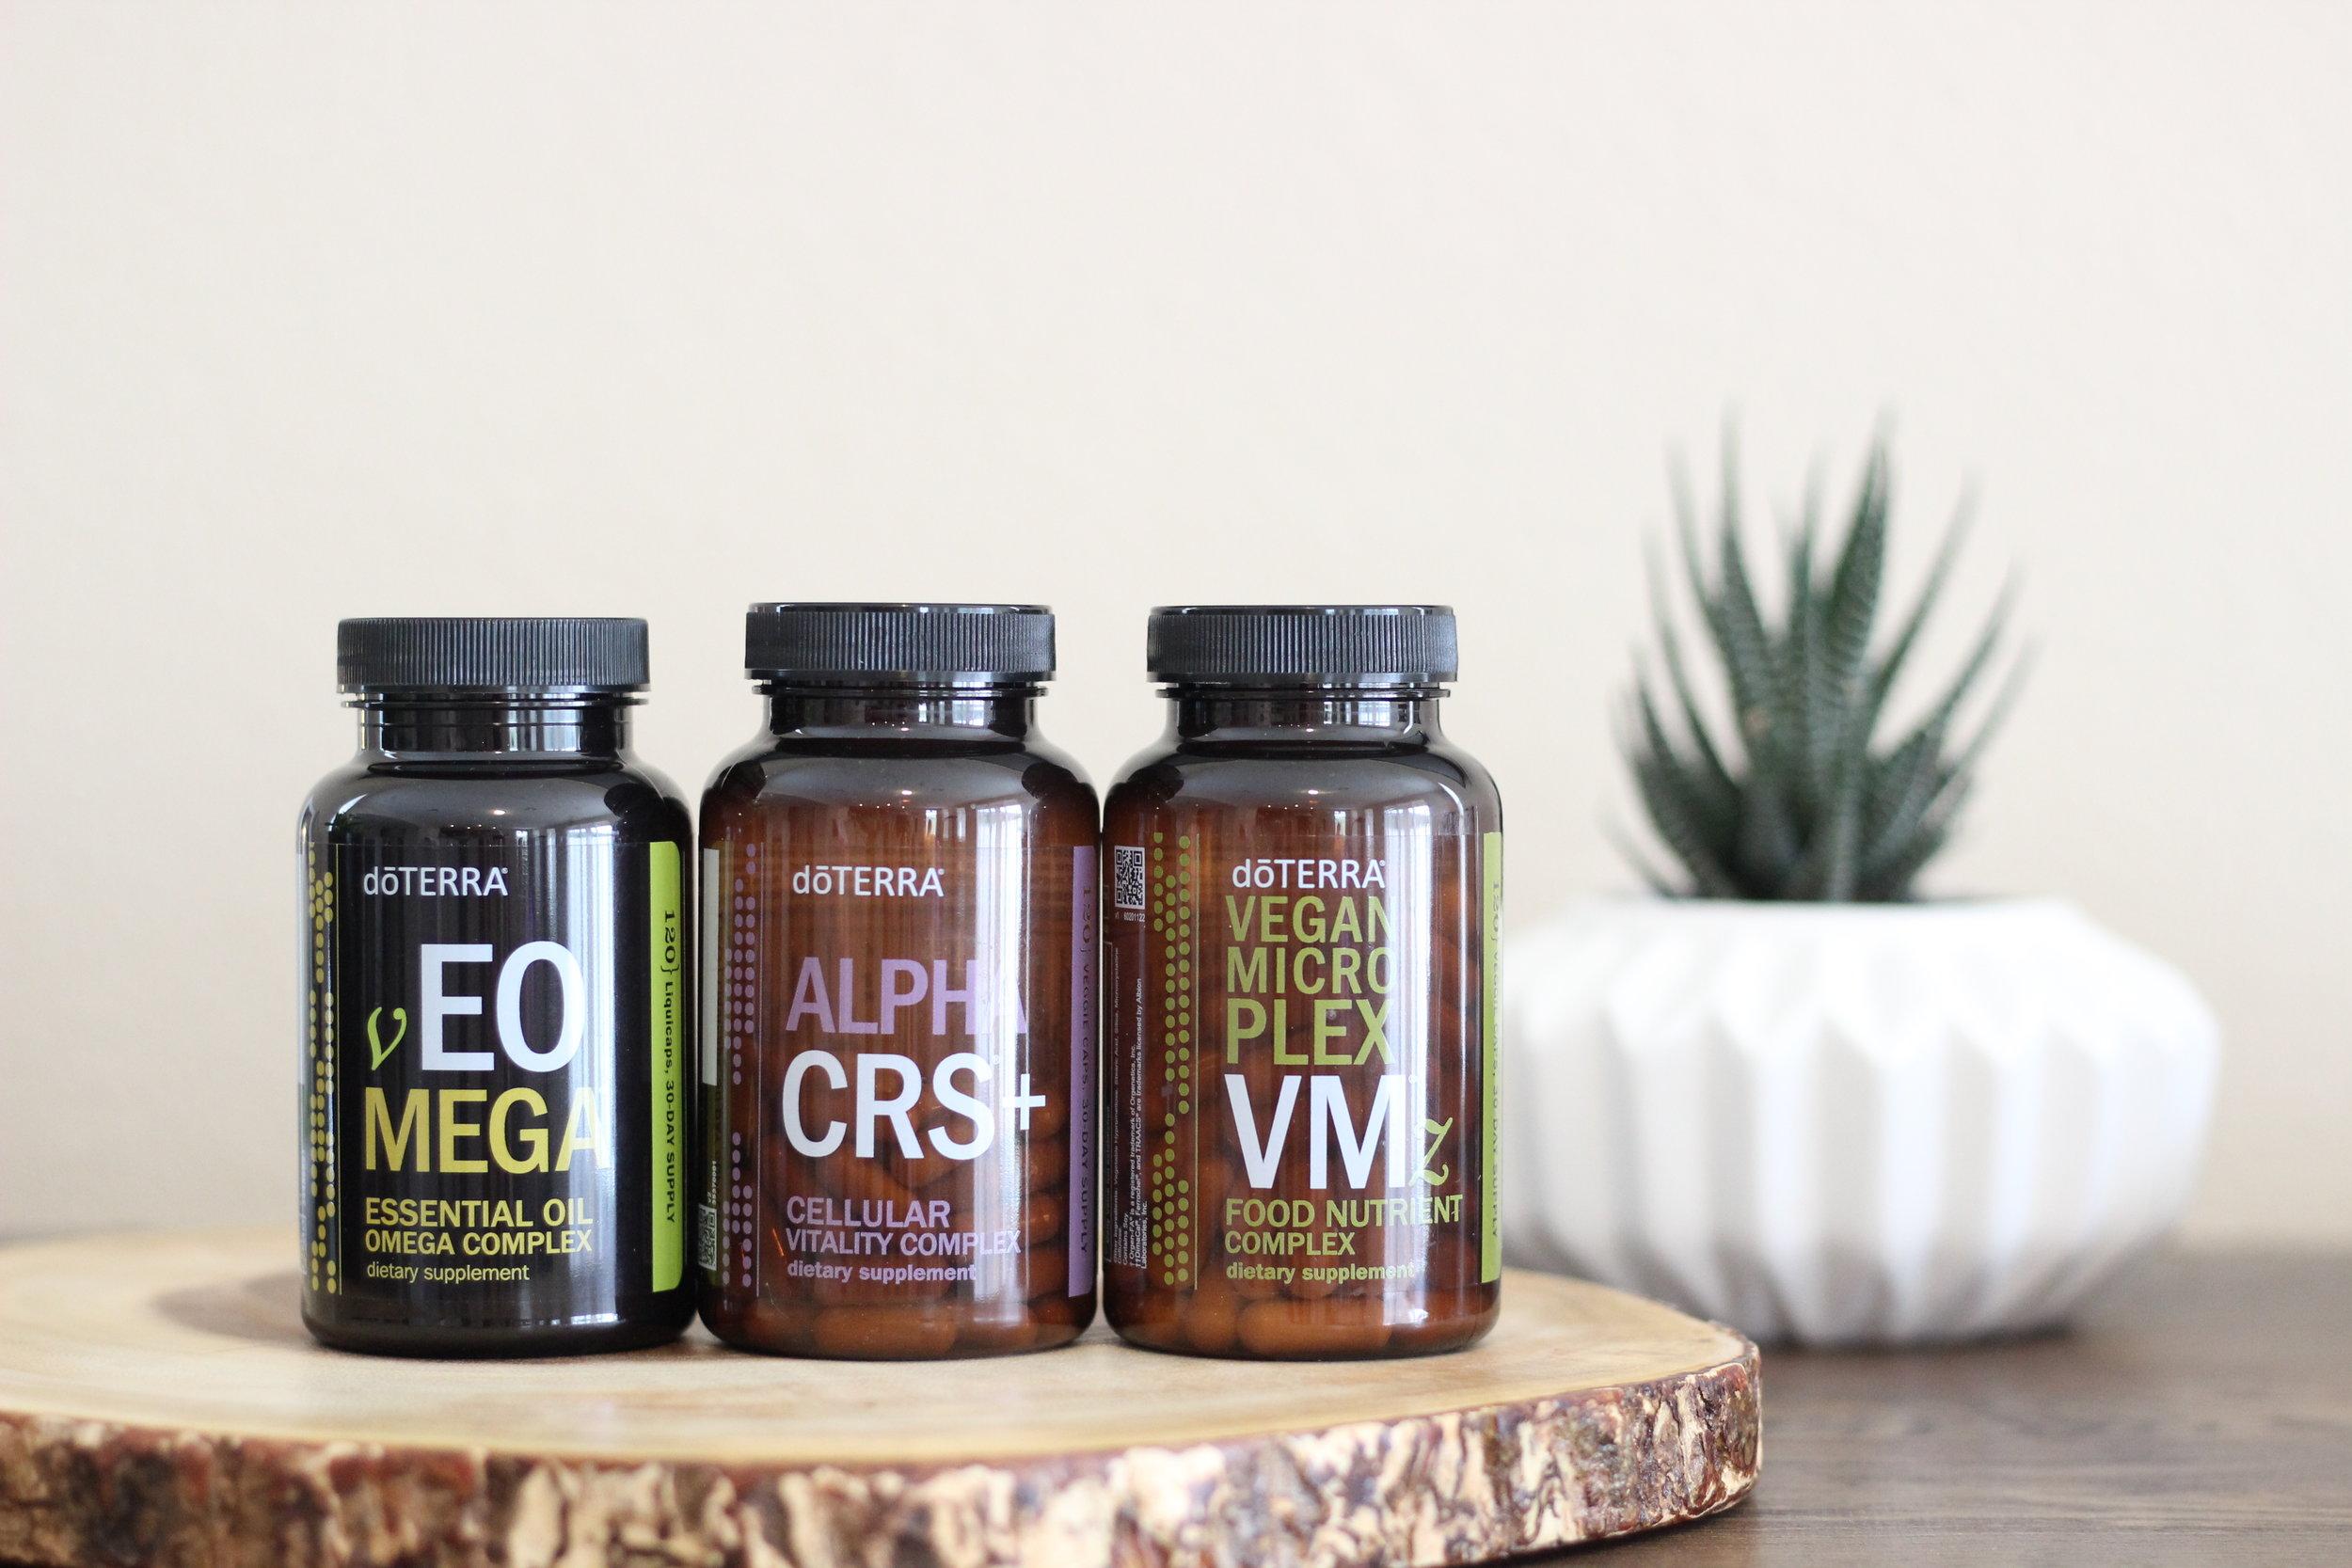 vegan prenatal supplements - lifelong vitality (vegan)